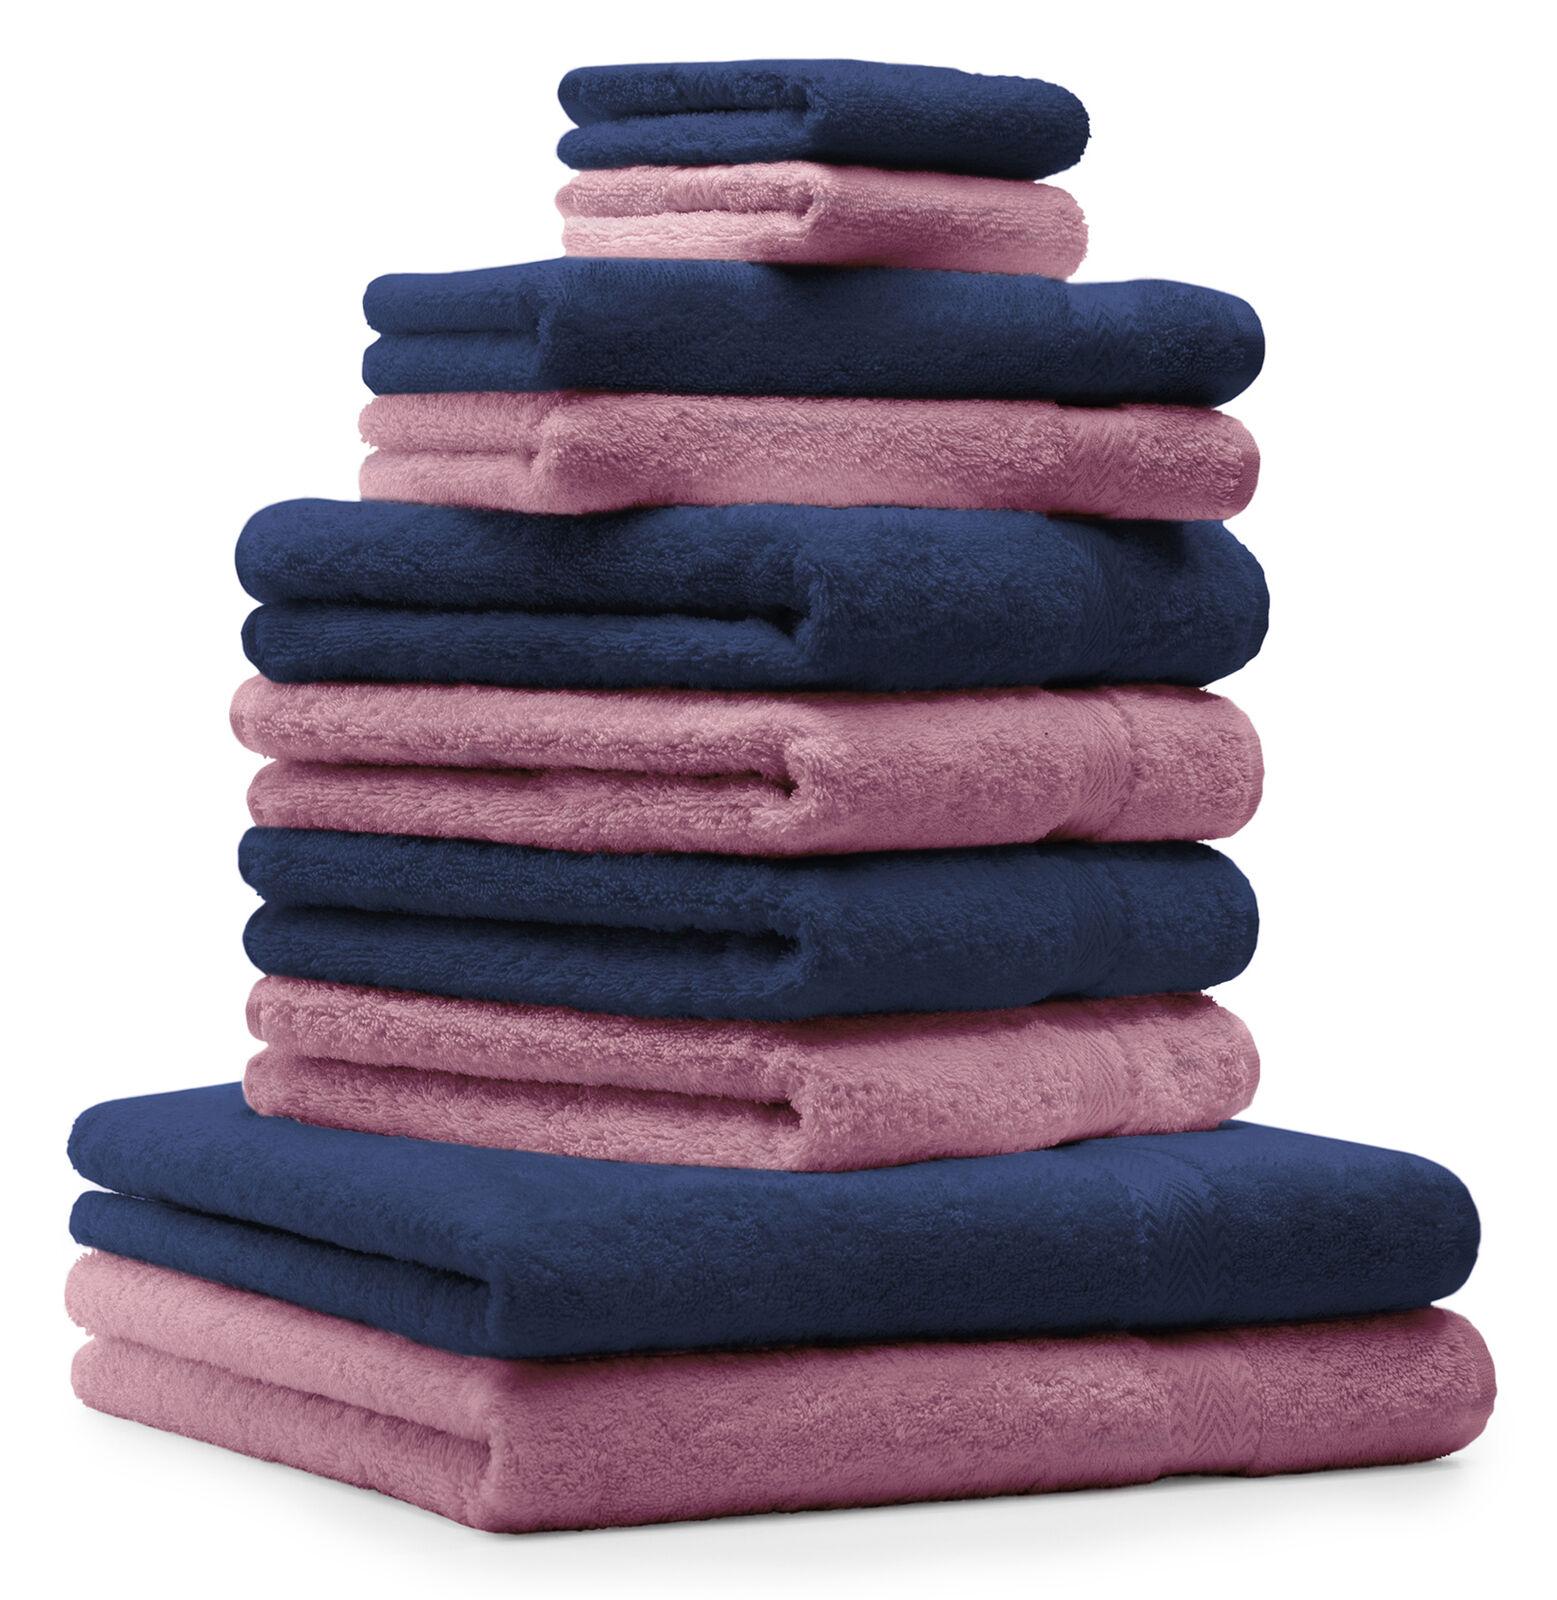 Betz 10tlg 10tlg 10tlg Handtuch Set PREMIUM Duschtuch Handtücher Gästetuch Waschhandschuhe     | Ausgezeichnet (in) Qualität  755fc0